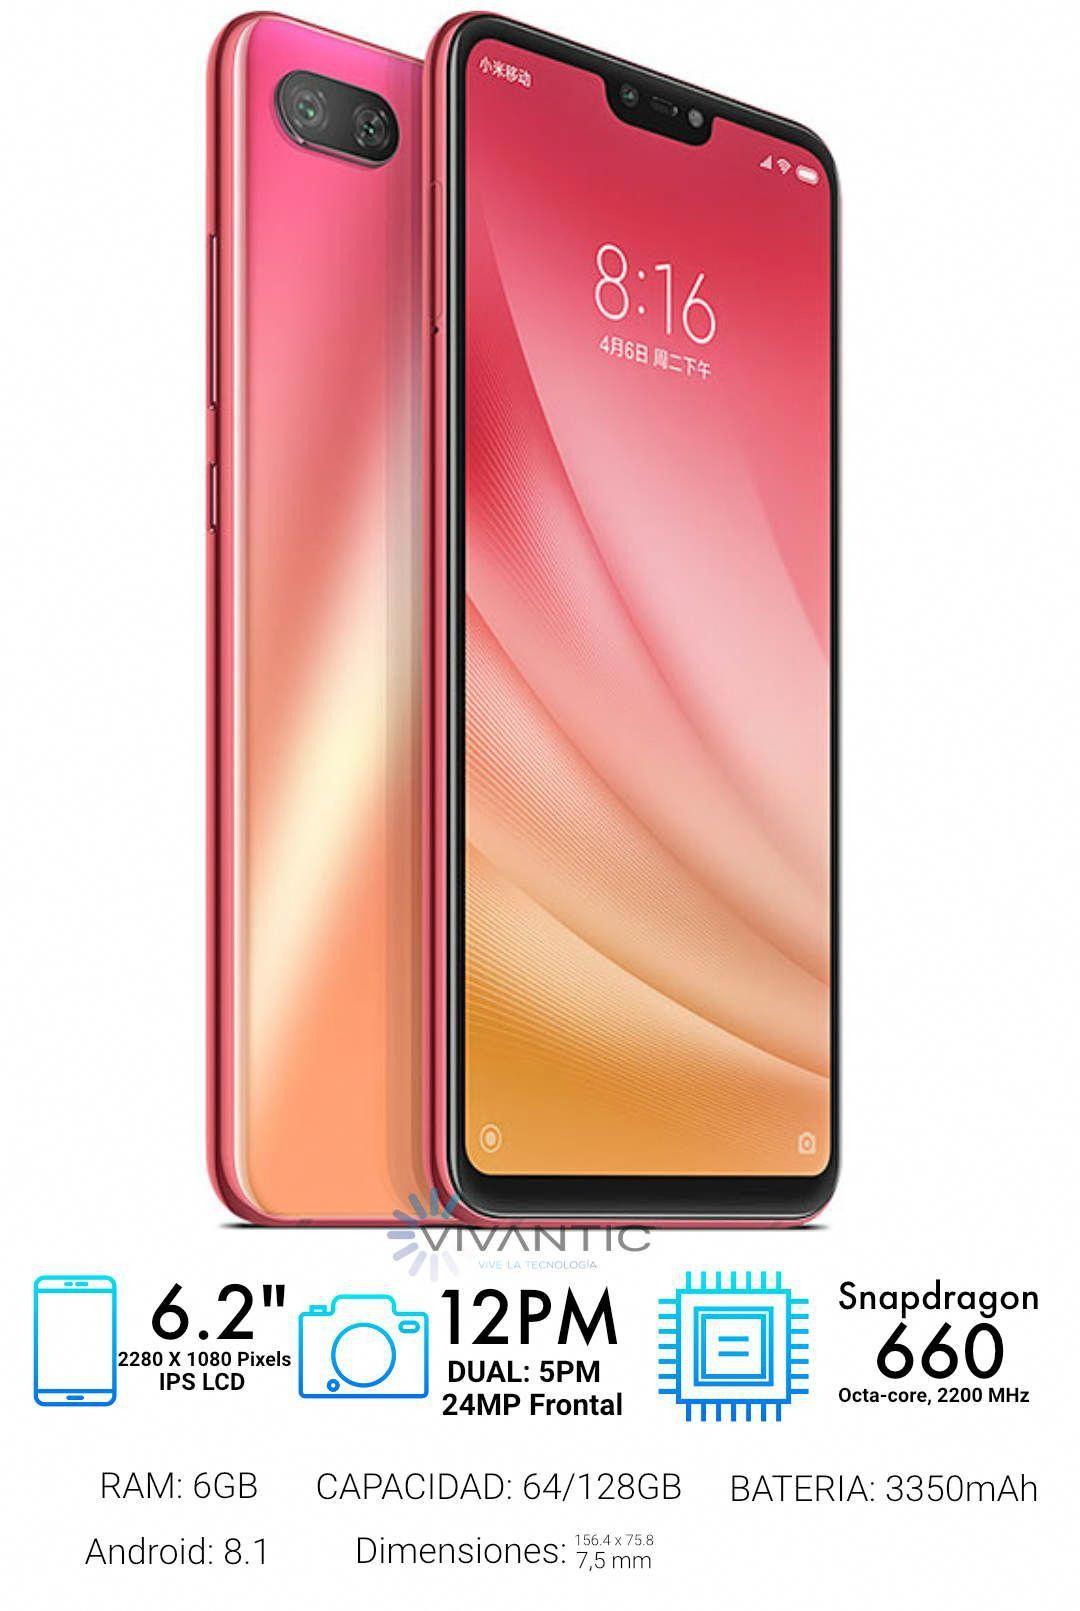 La Version Ligera De Mi 8 Con Caracteristicas Reducidas Pero Con Mejoras En La Camara De Retratos Conn Sensor De Sony T Mobile Phones Phone Latest Cell Phones